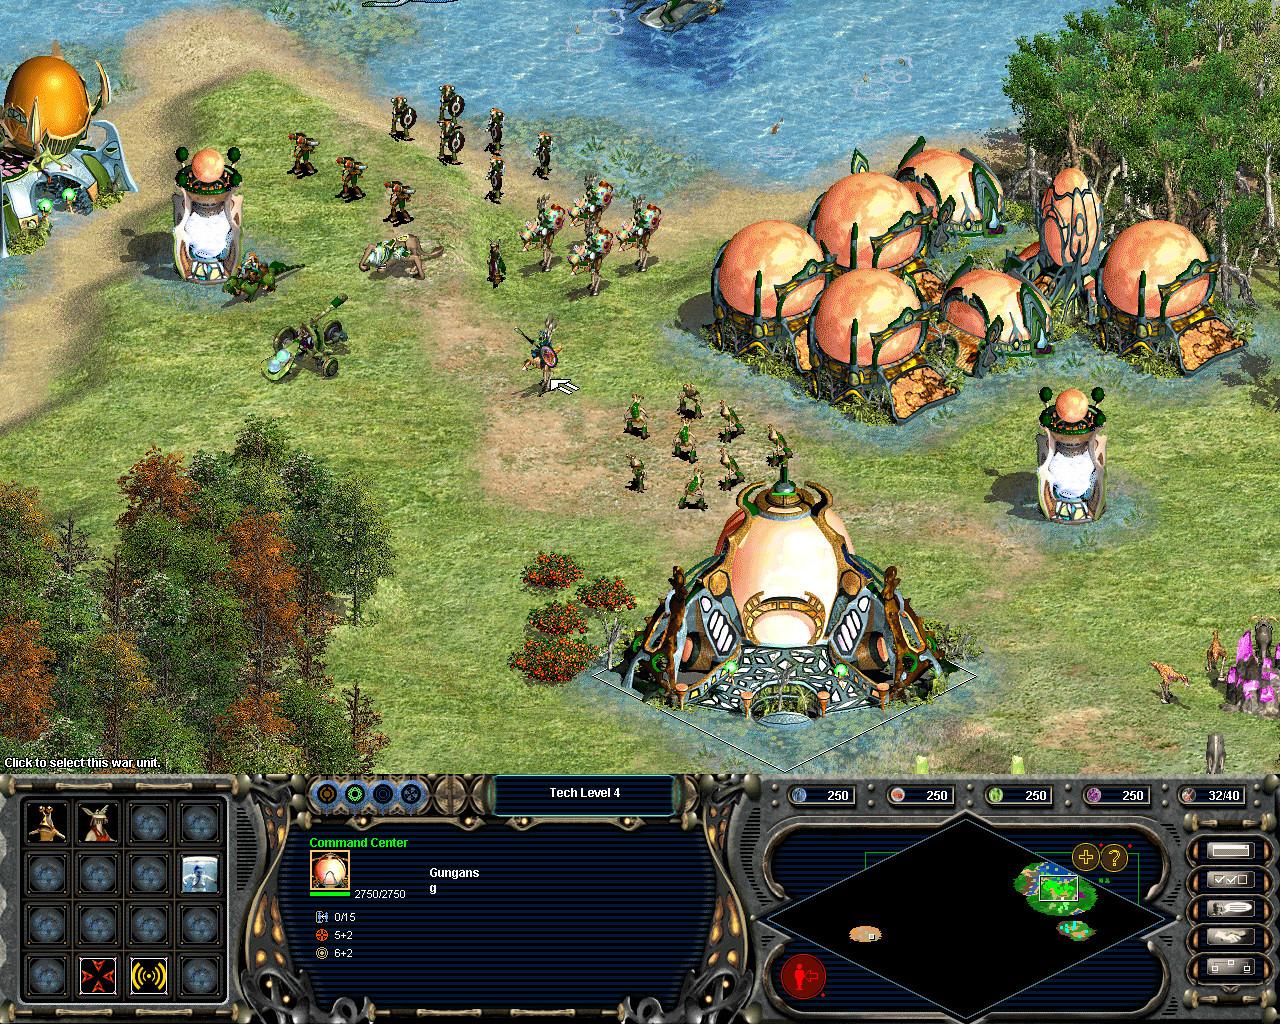 Онлайн стратегия star wars скачать новые игры человек паук онлайн бесплатно